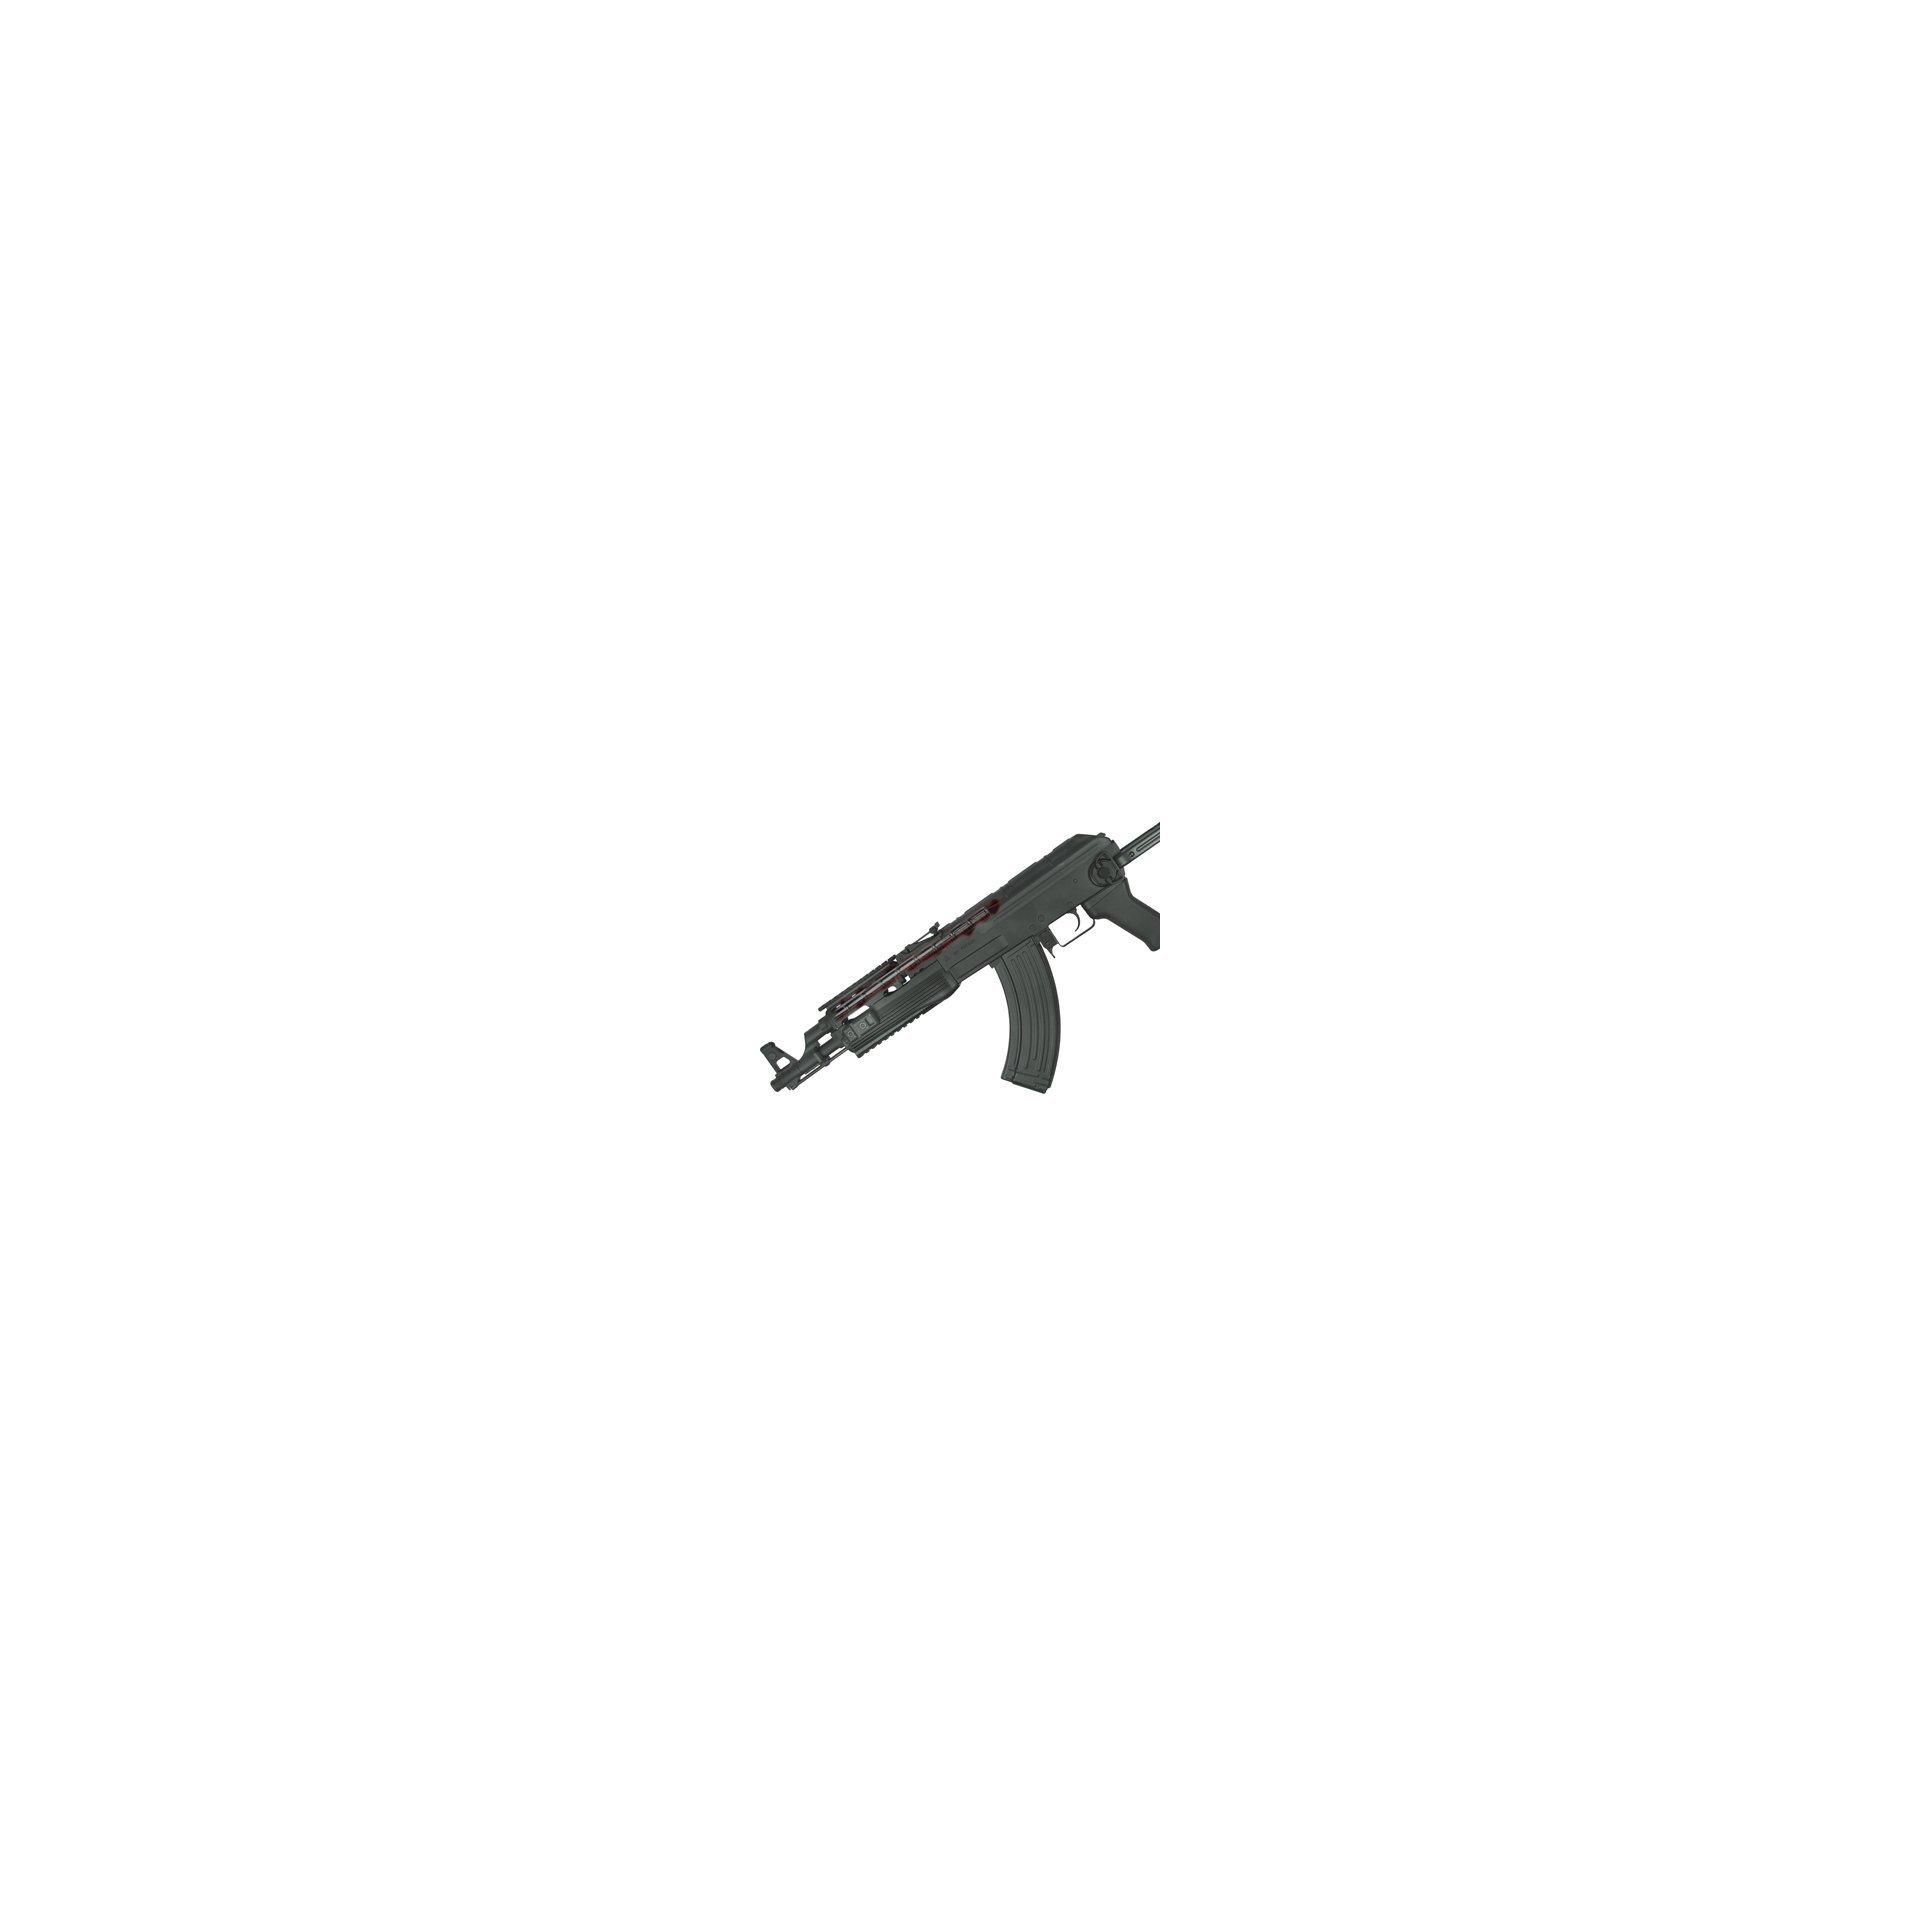 Bateria Para Airsoft 9,6v 1200mah - King Arms - (ak)